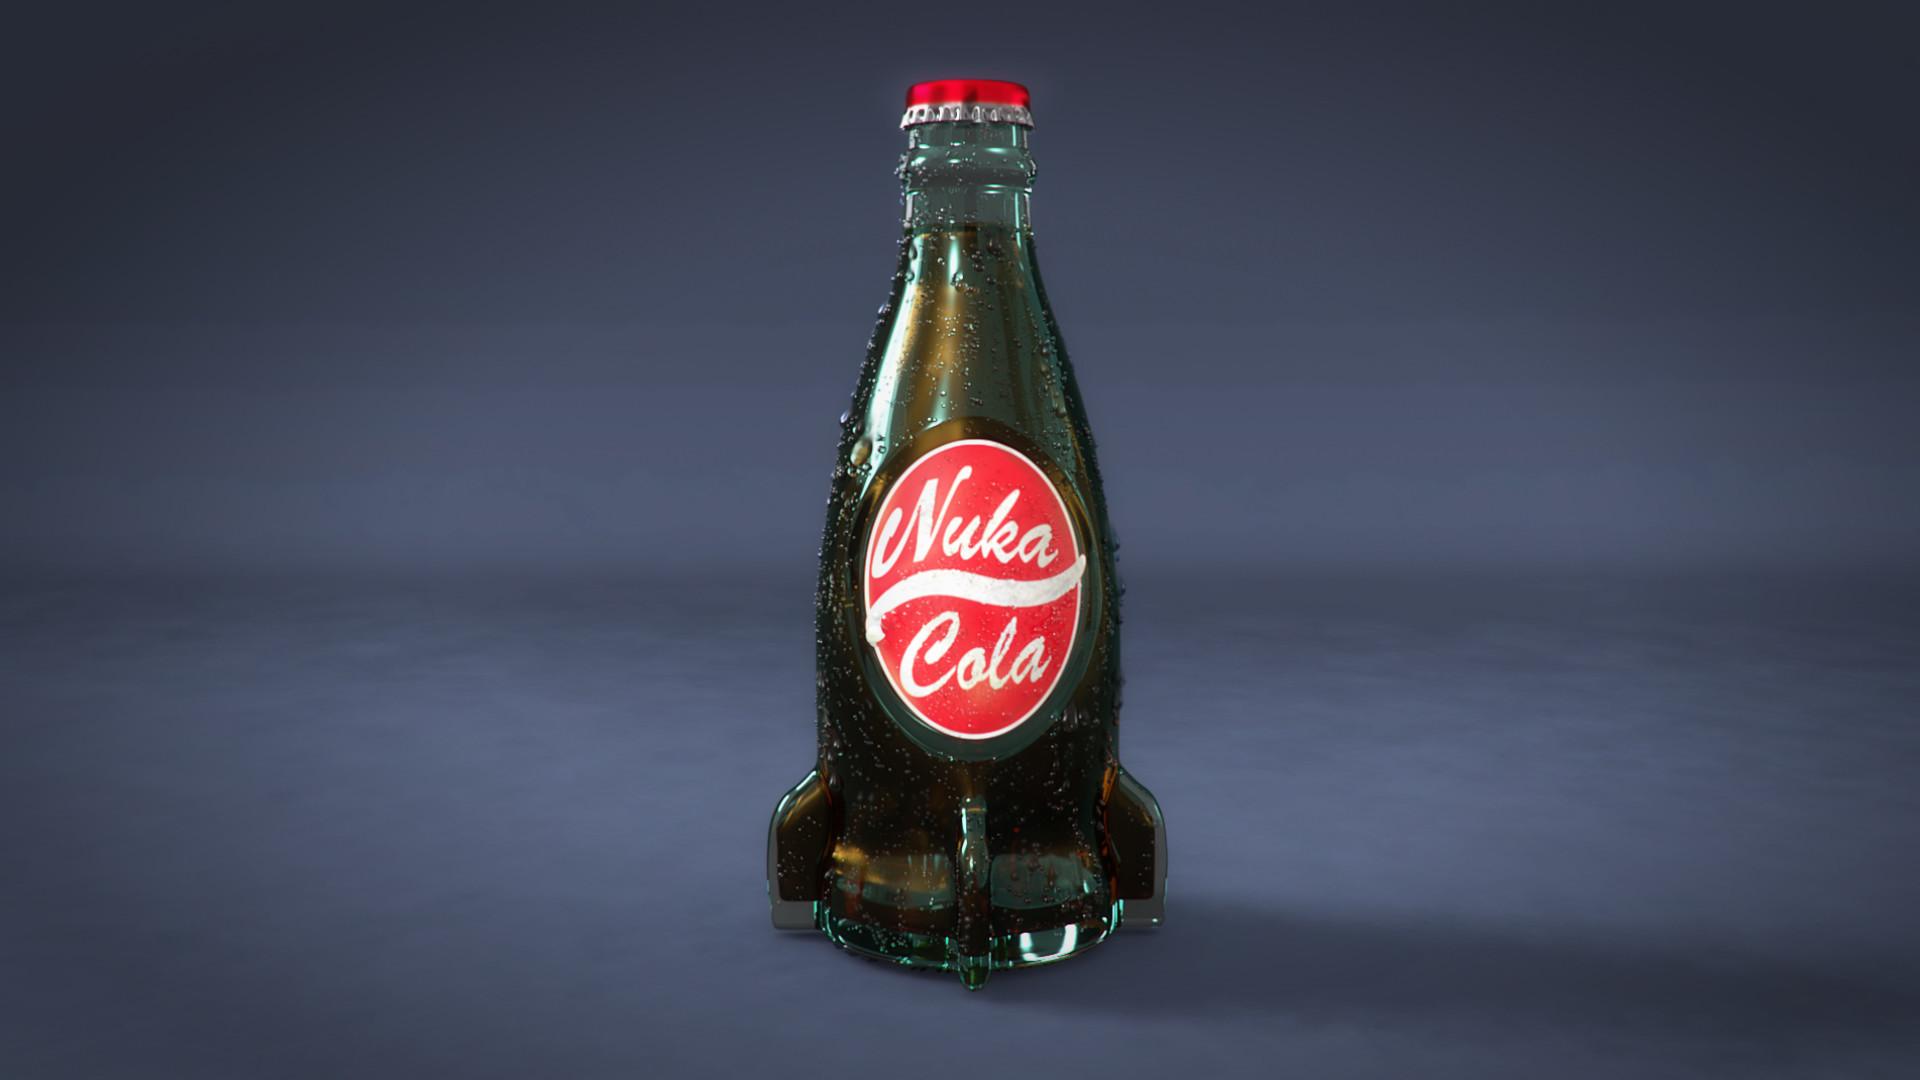 Nuka Cola Hd Wallpaper Artstation Nuka Cola Oscar Velasco